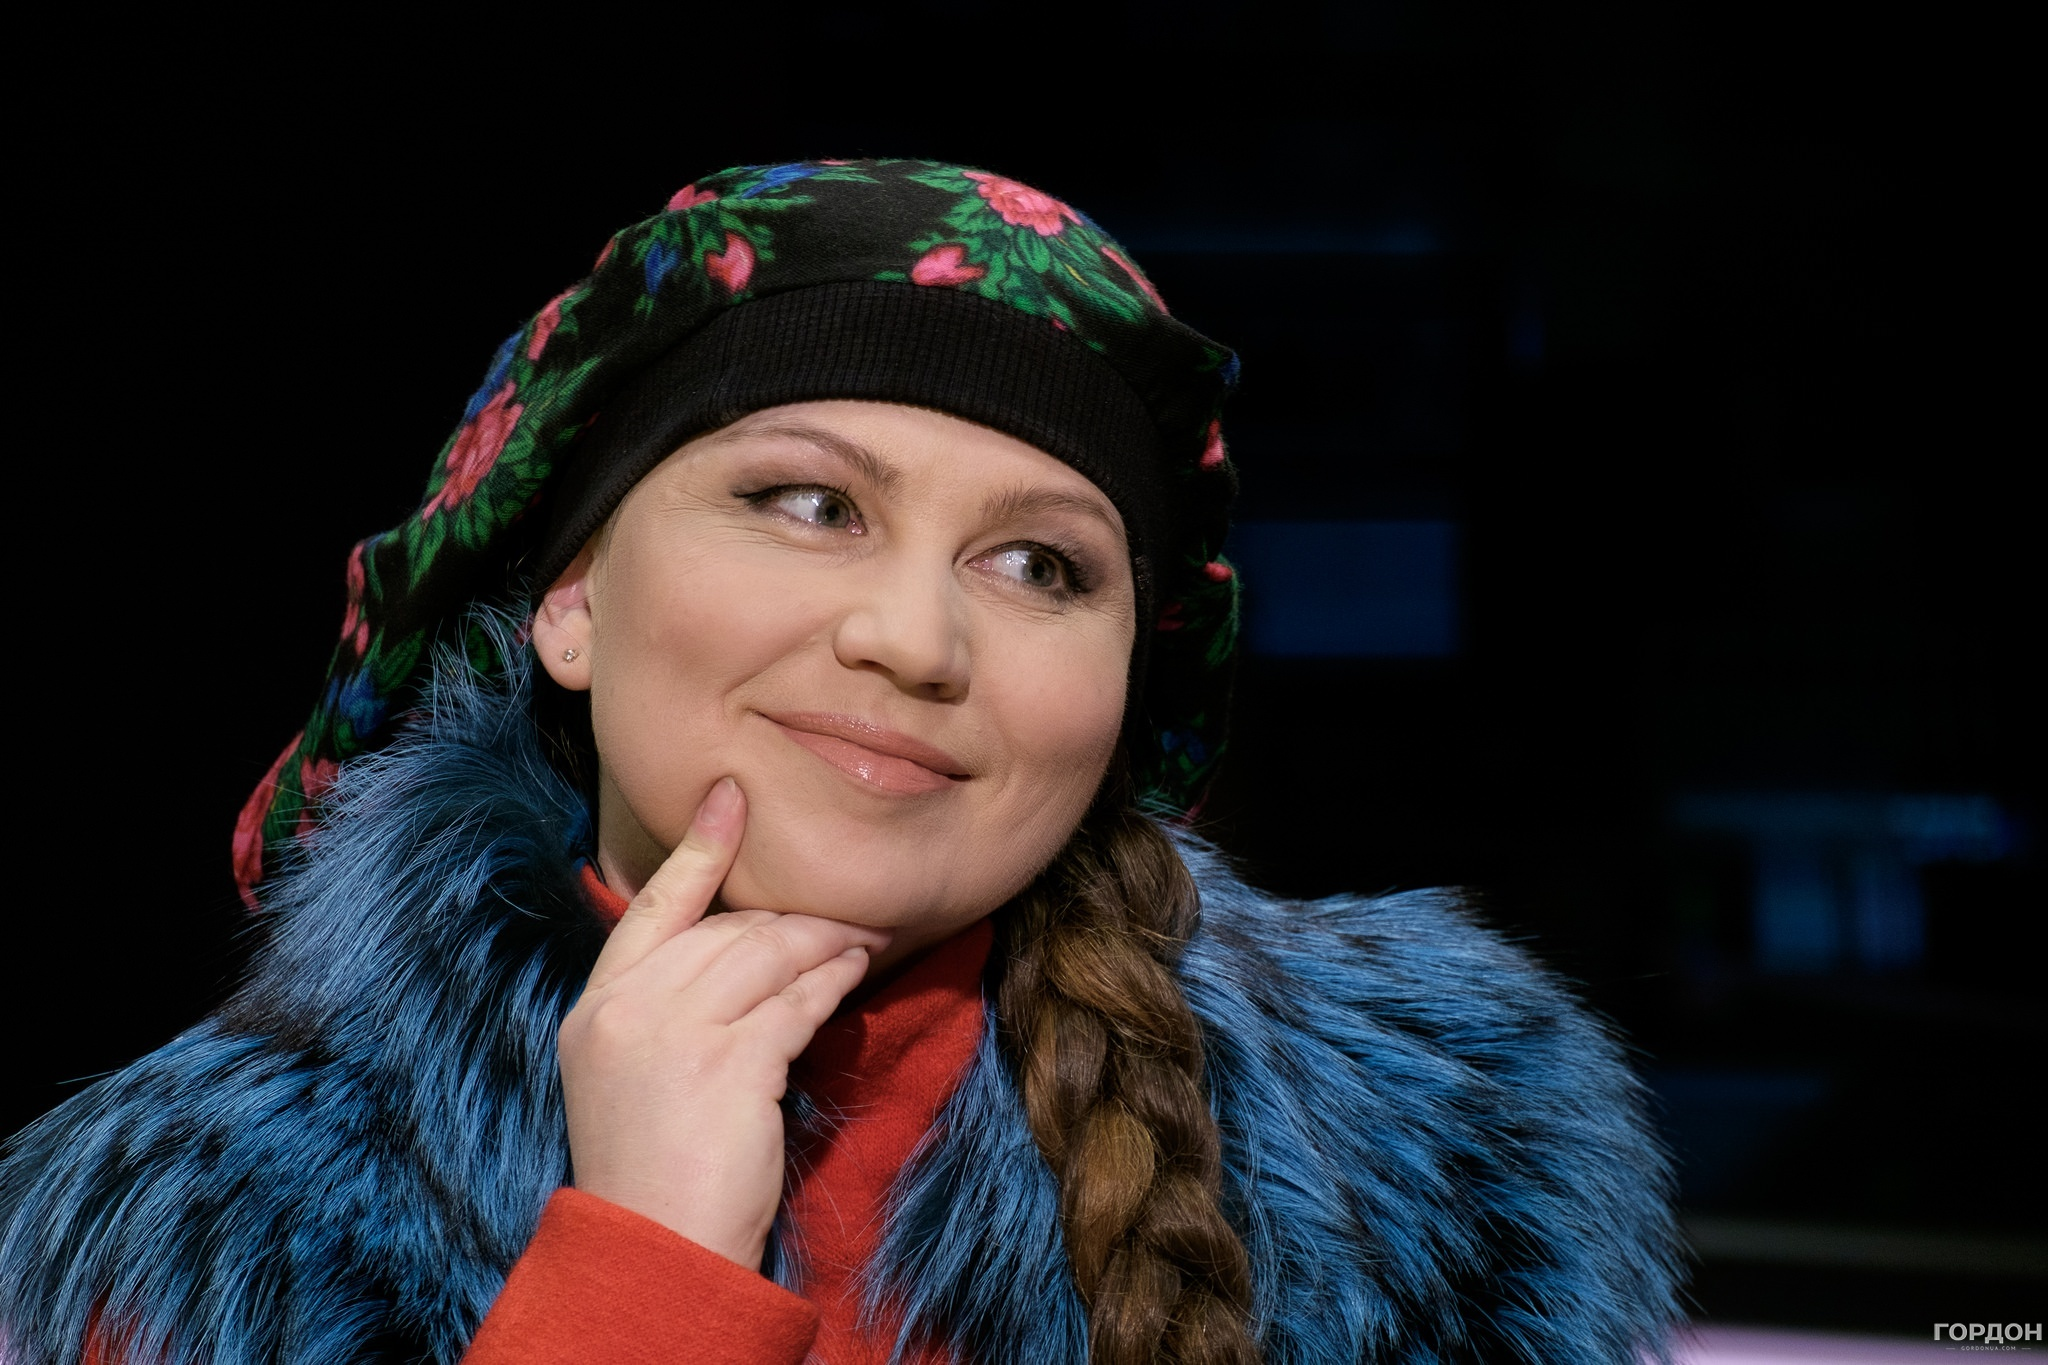 Фото: Сергей Крылатов: / Gordonua.com